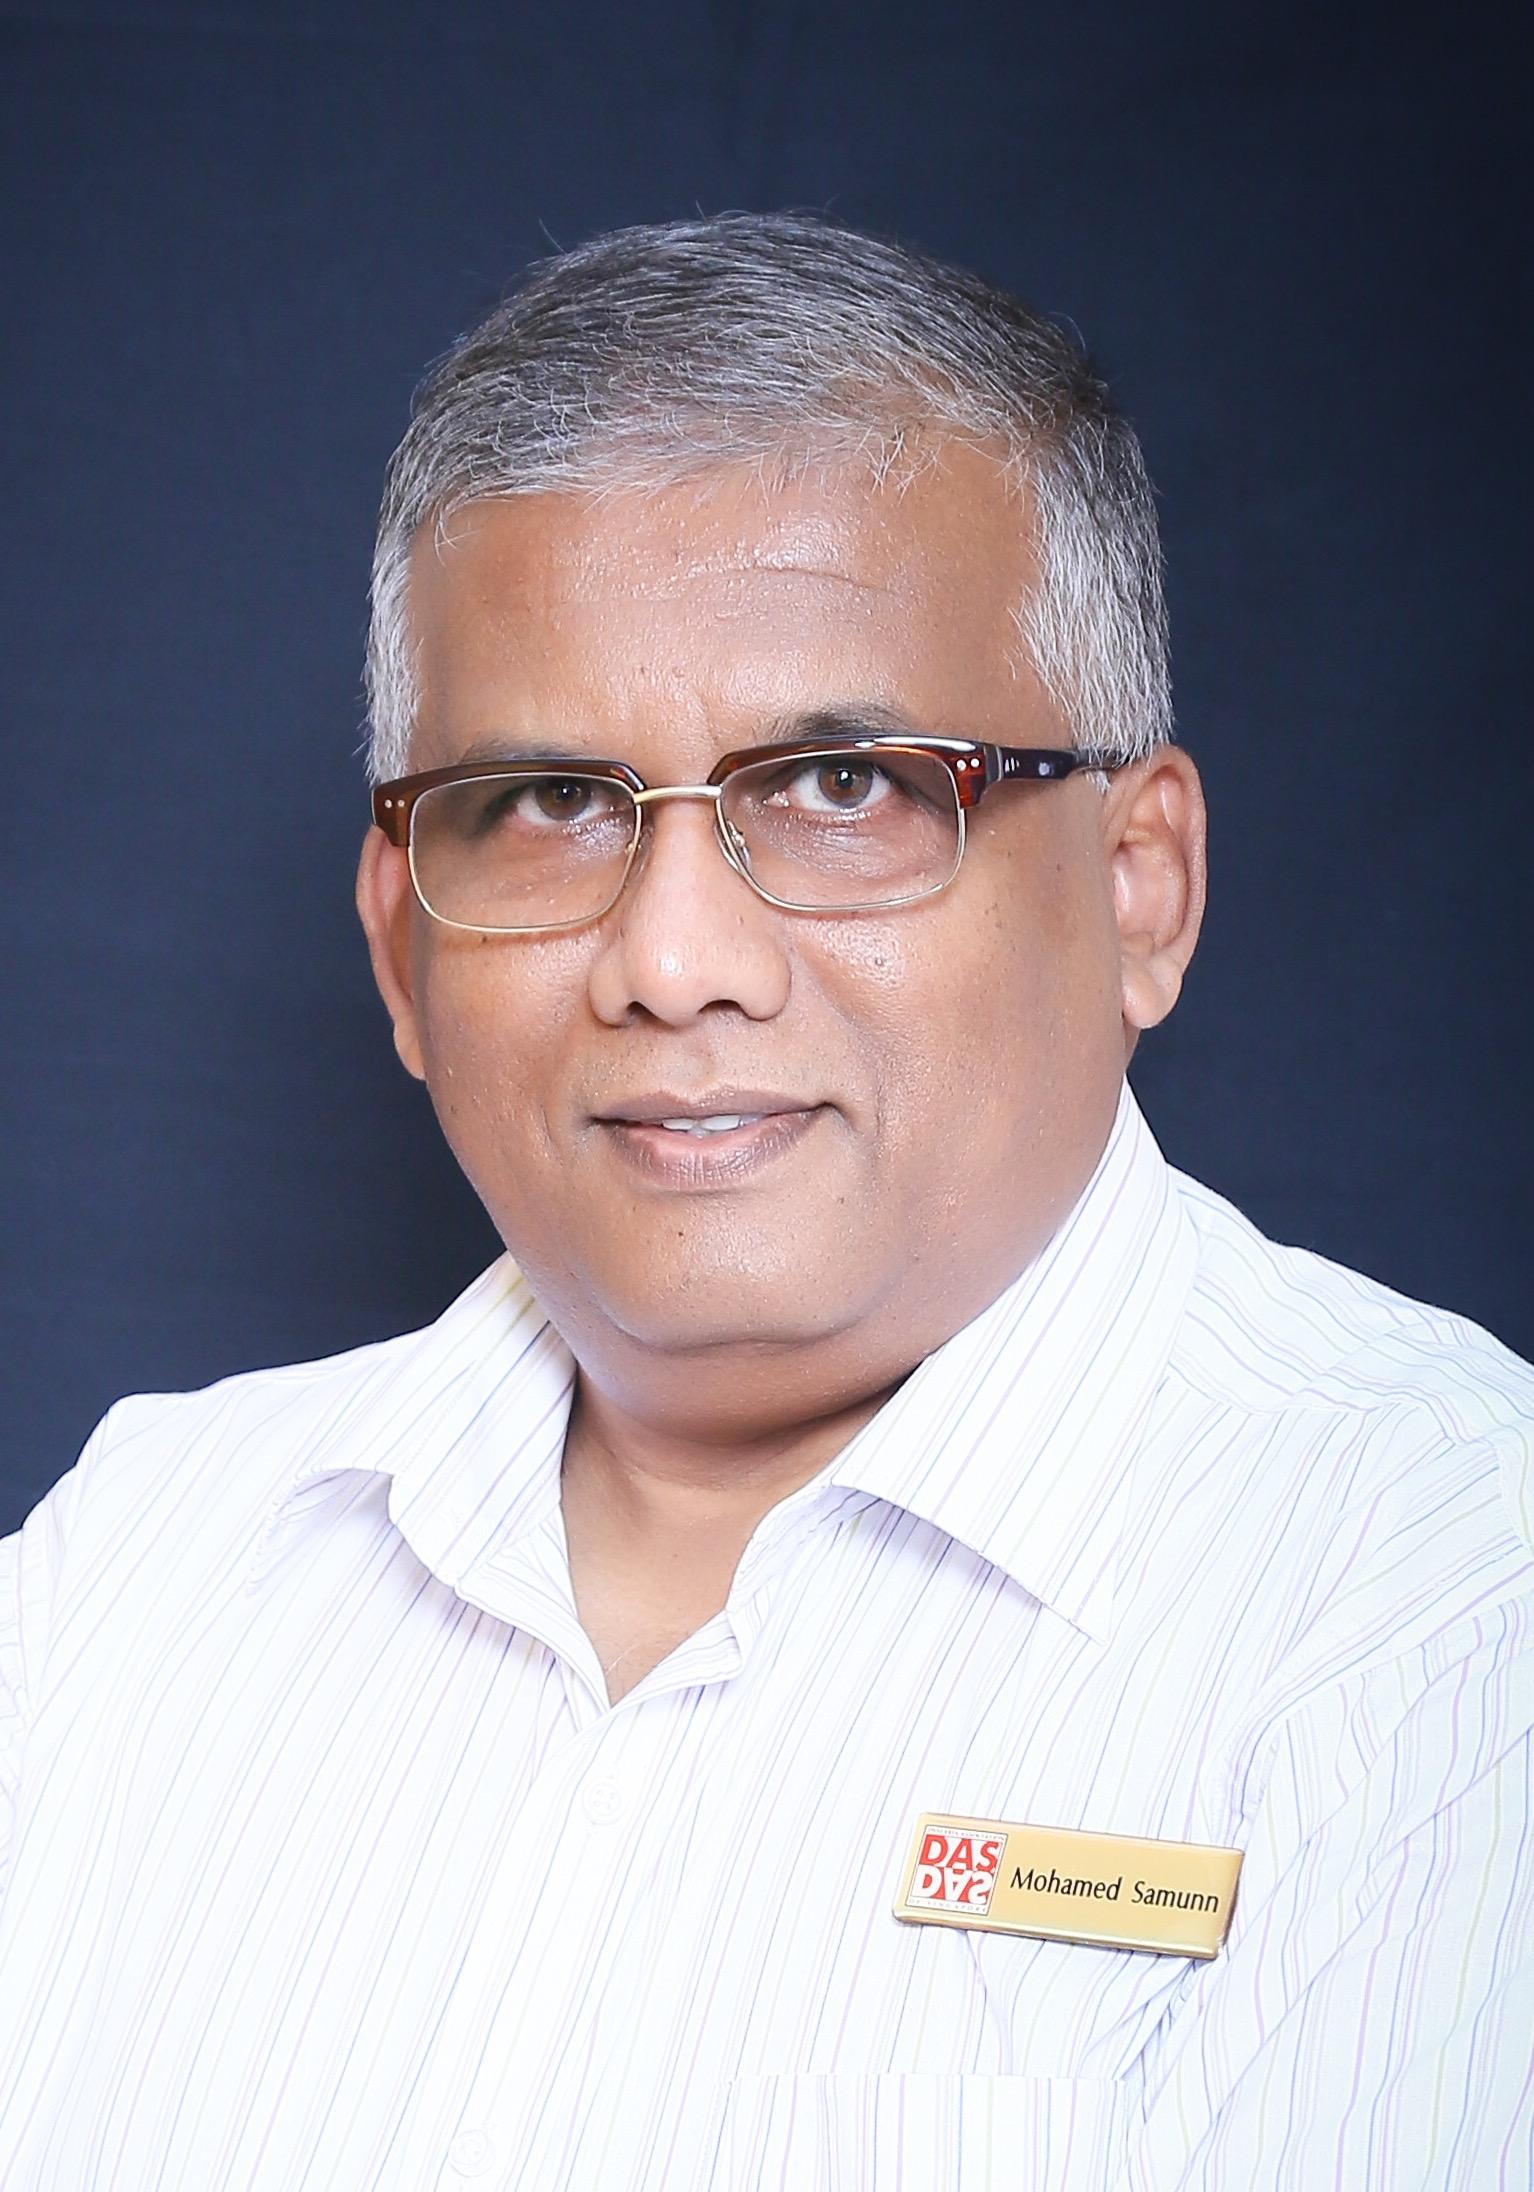 Samunn Abdul Caffoor Mohamed